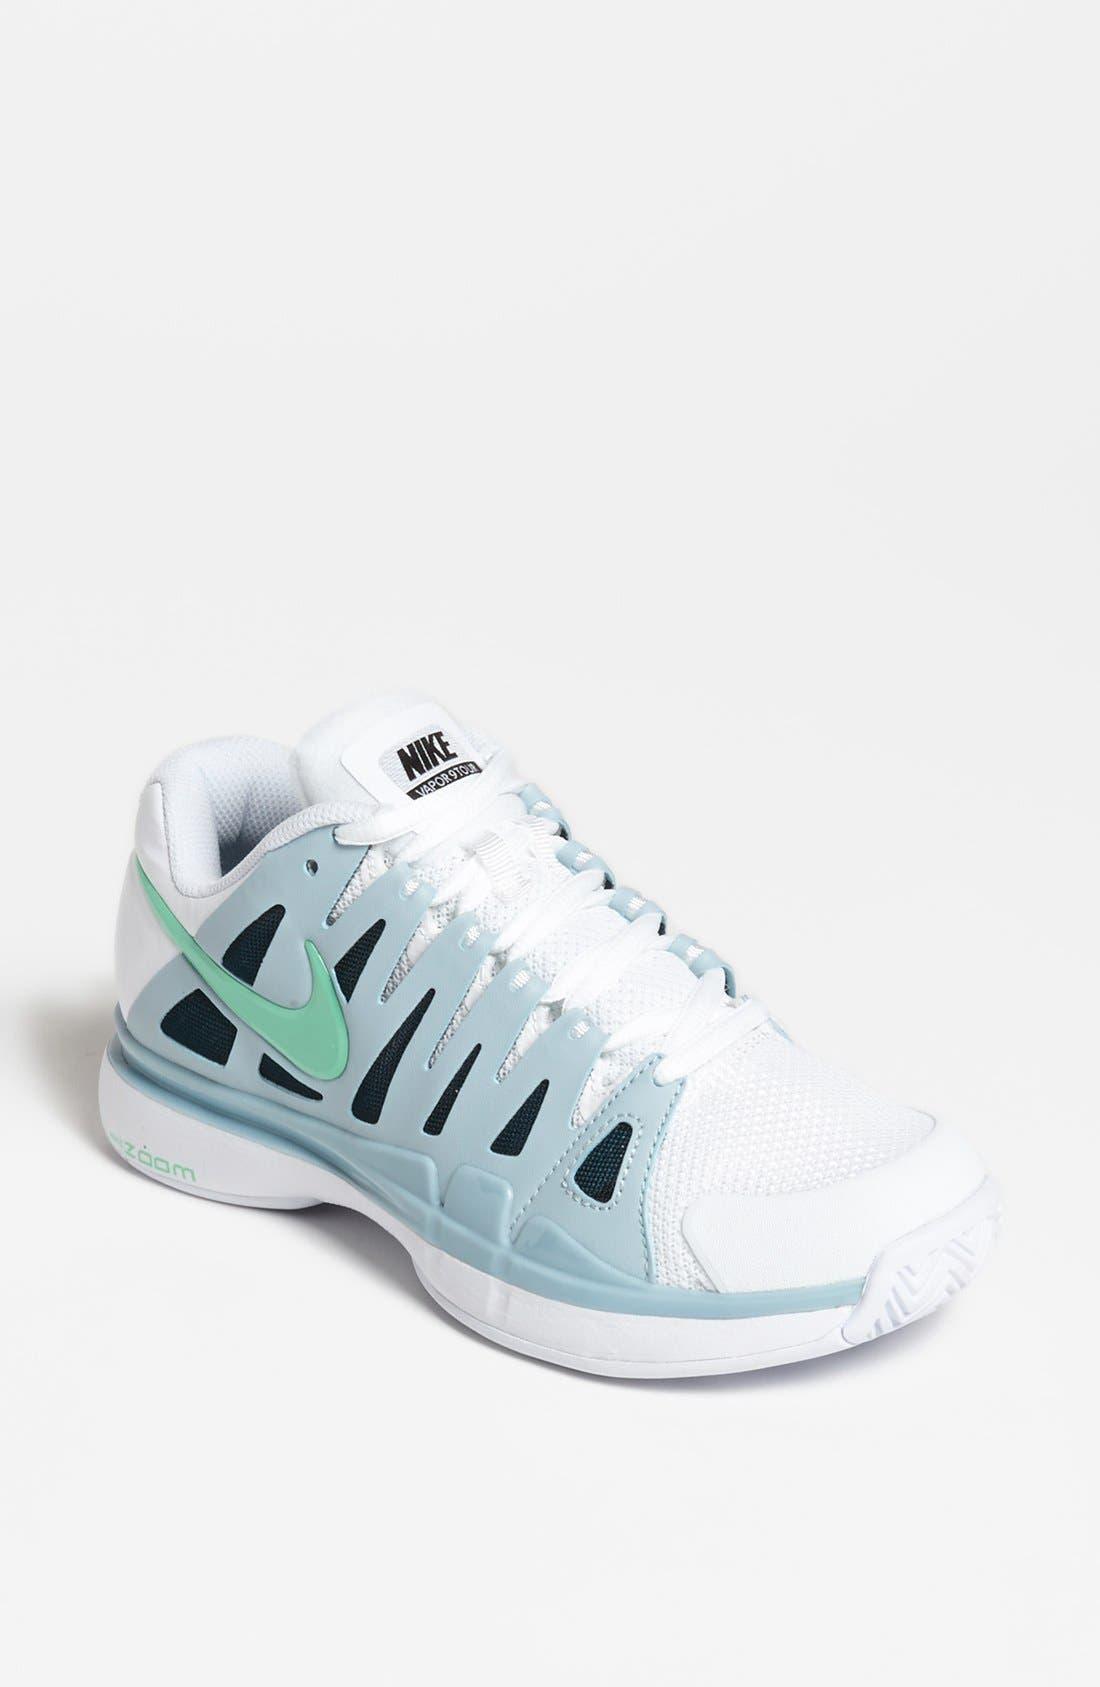 Main Image - Nike 'Zoom Vapor 9 Tour' Tennis Shoe (Women)